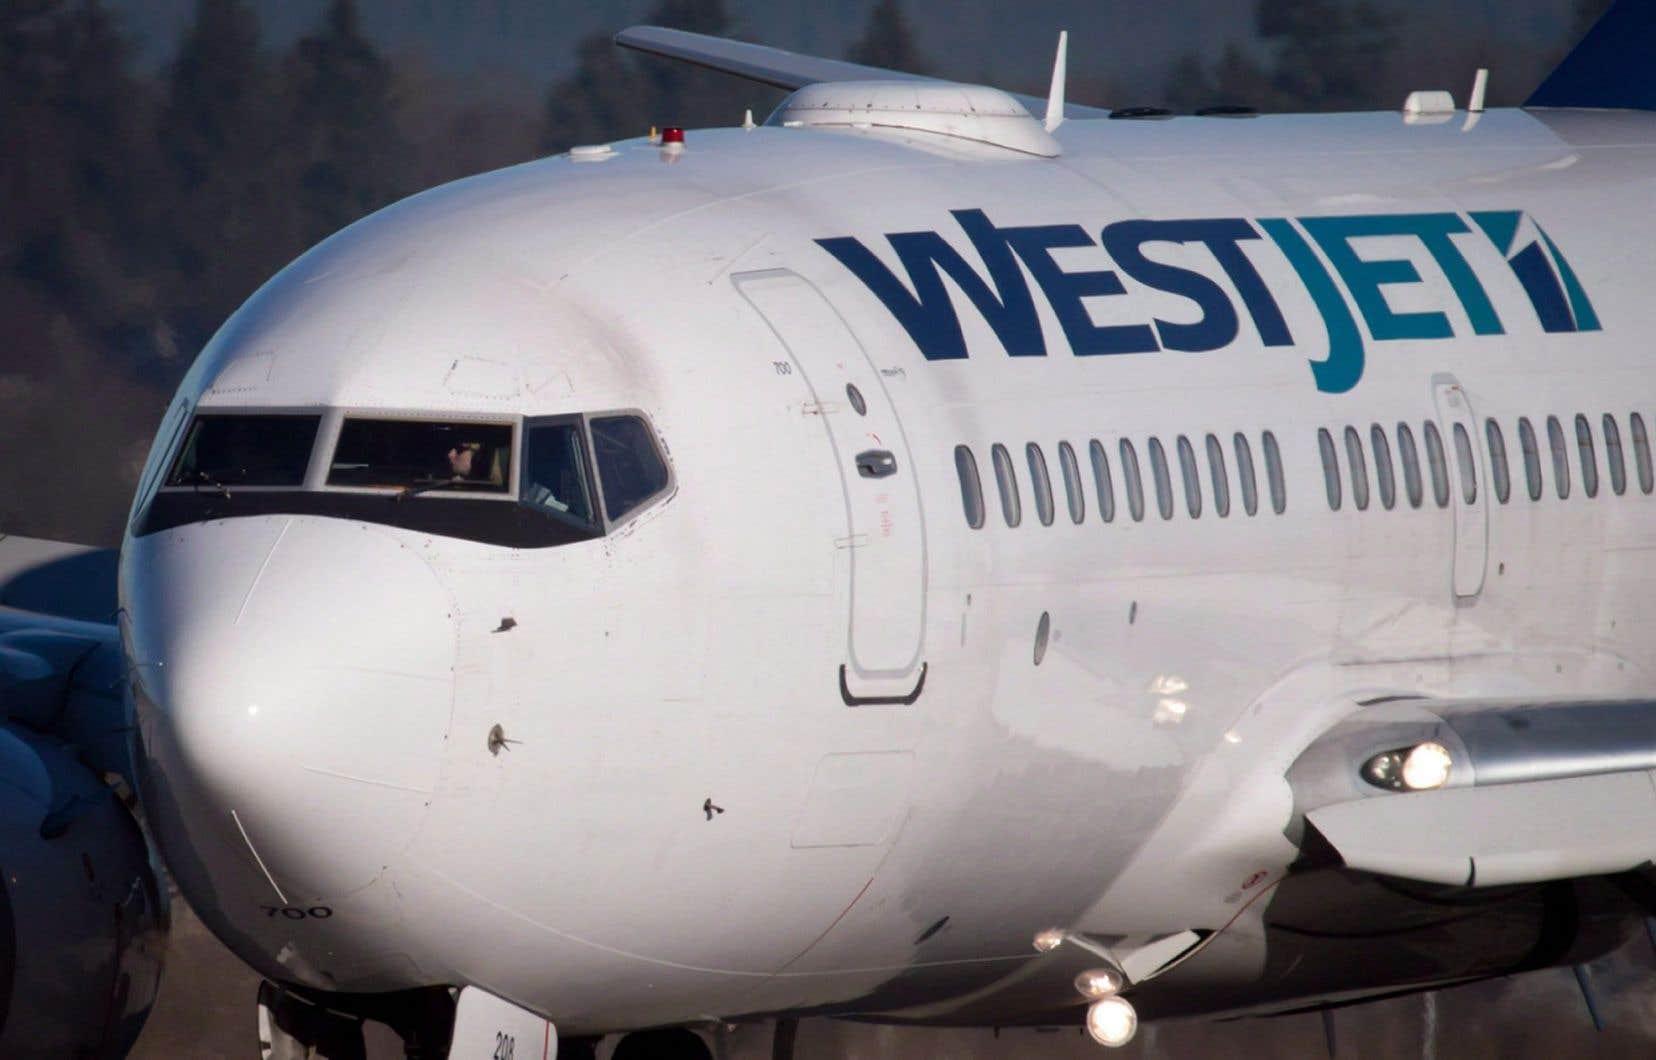 WestJet estime que l'absence de syndicat constitue un avantage concurrentiel pour l'entreprise.